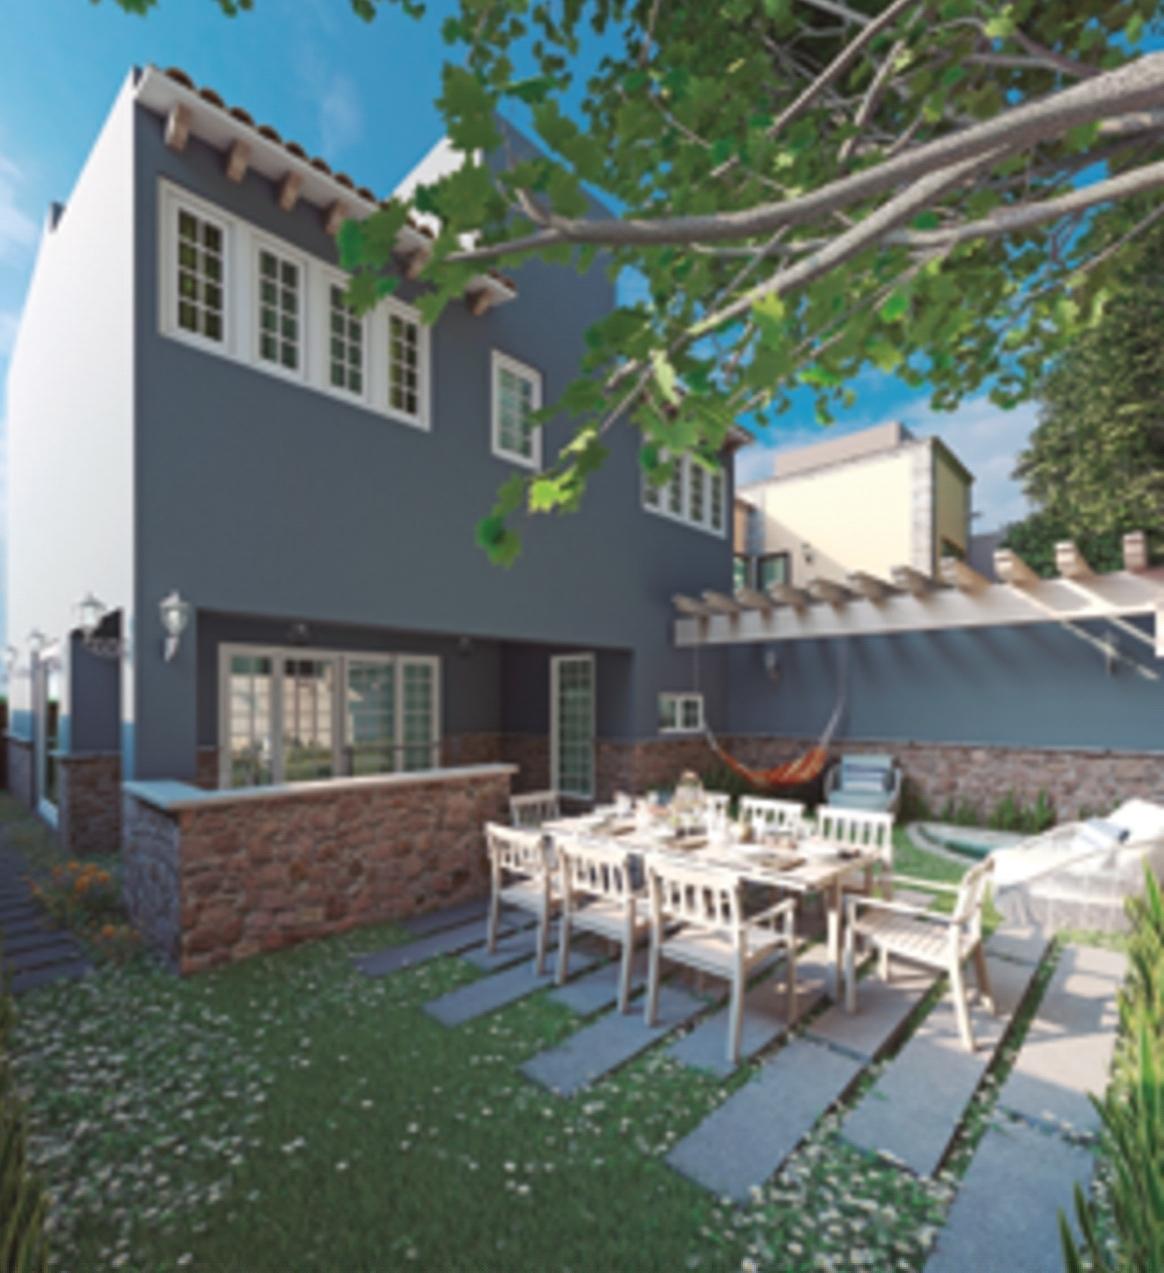 Artesanato Residencial San Miguel De Allende ~ Casa en Venta en San Miguel de Allende Residencial Campestre Xotol Casa X4